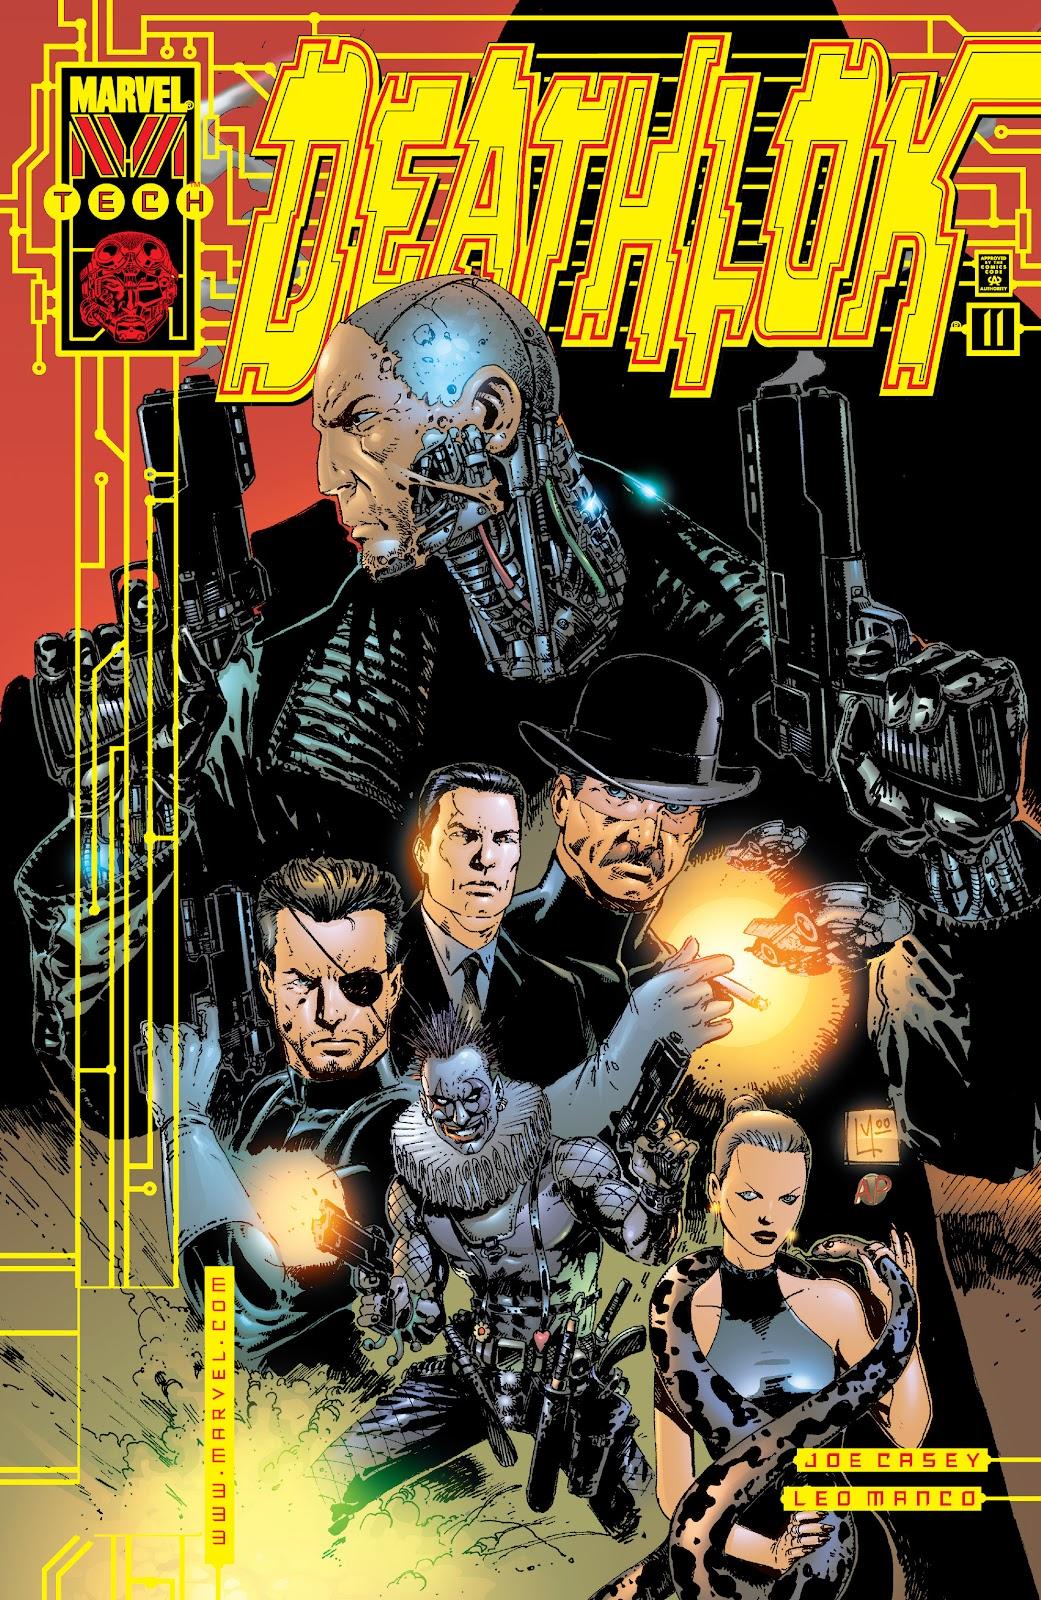 Deathlok (1999) issue 11 - Page 1